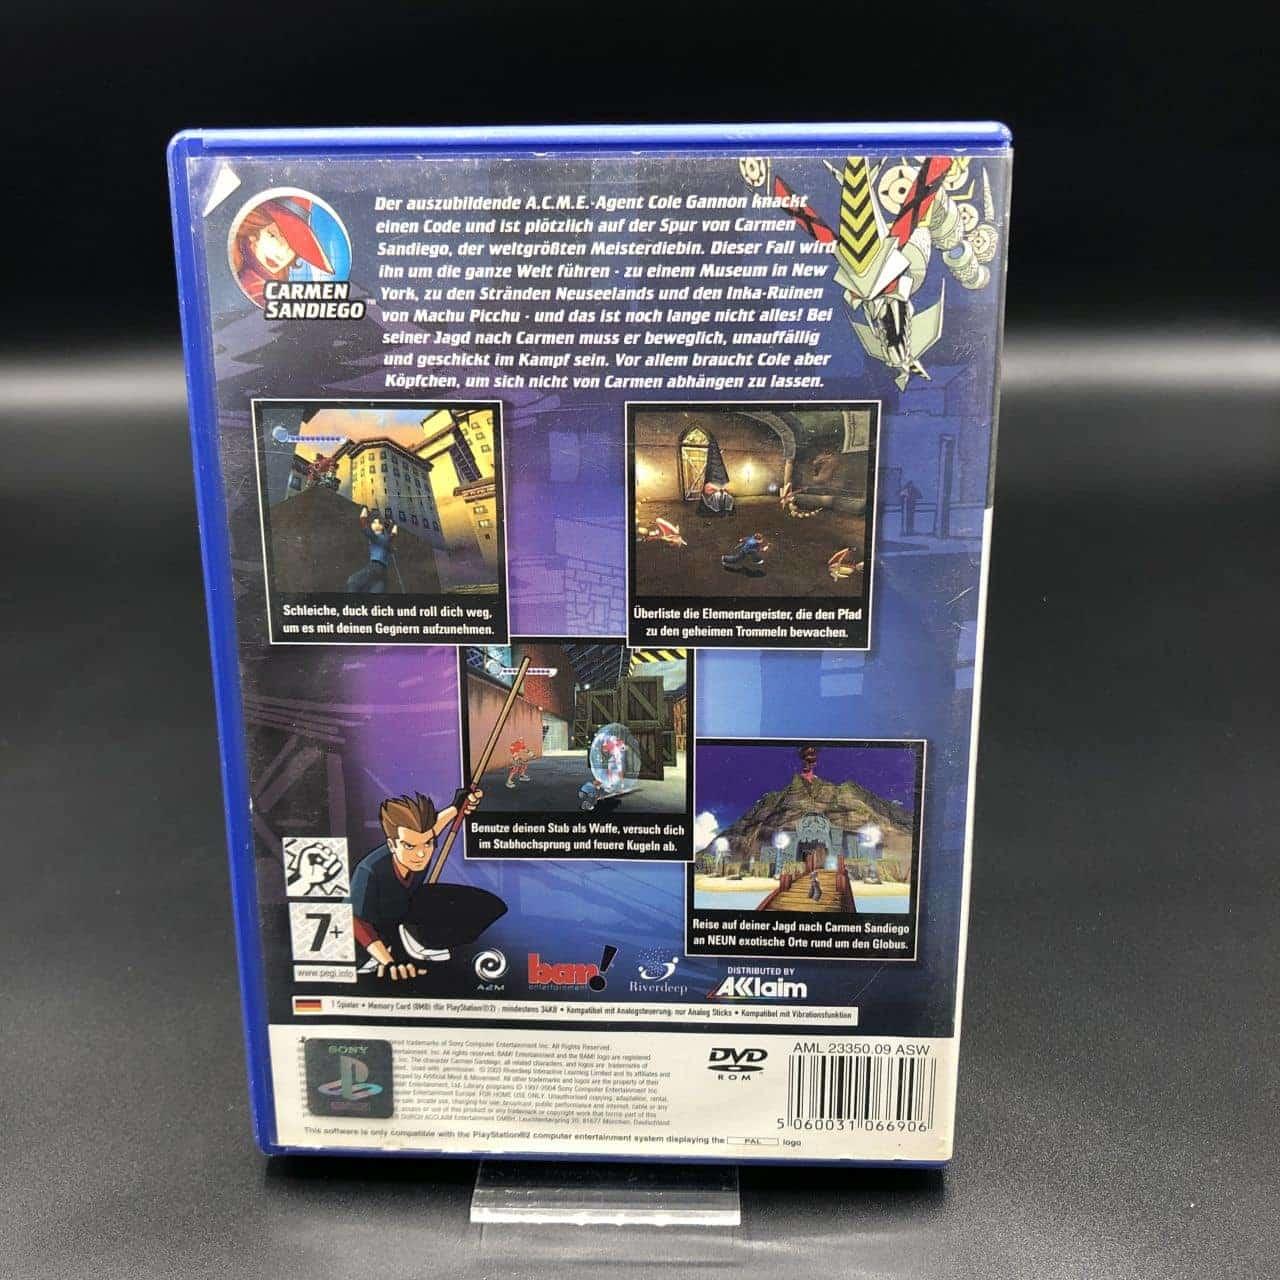 PS2 Carmen Sandiego: Das Geheimnis der gestohlenen Trommeln (Komplett) (Gebrauchsspuren) Sony Playstation 2